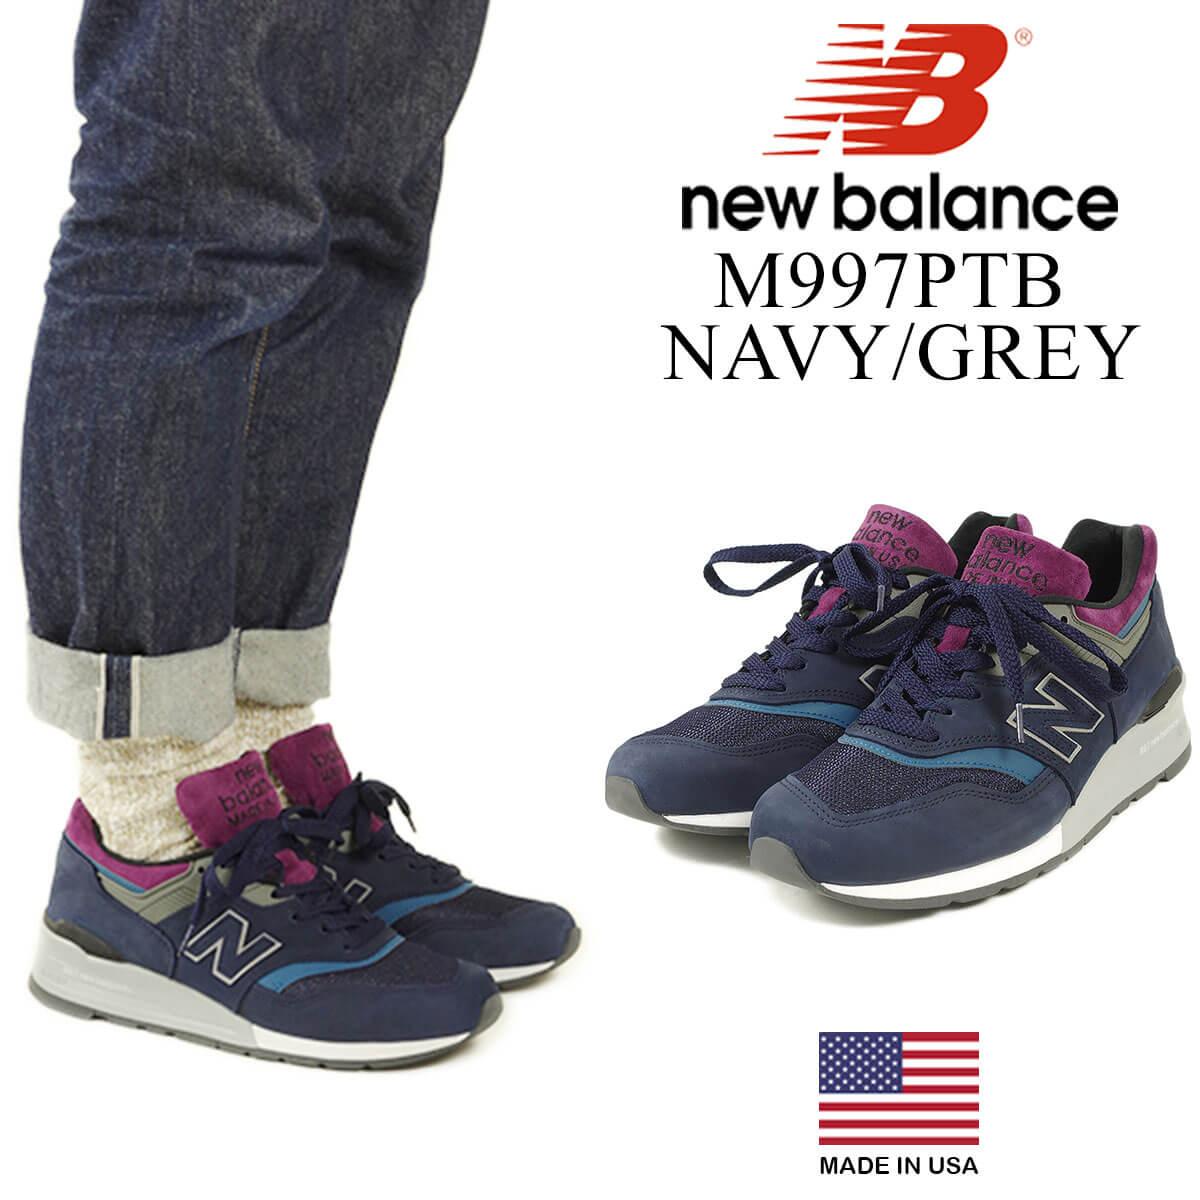 ニューバランス new balance M997PTB ネイビー/グレー (米国製 日本未発売 MADE IN USA アメリカ製)